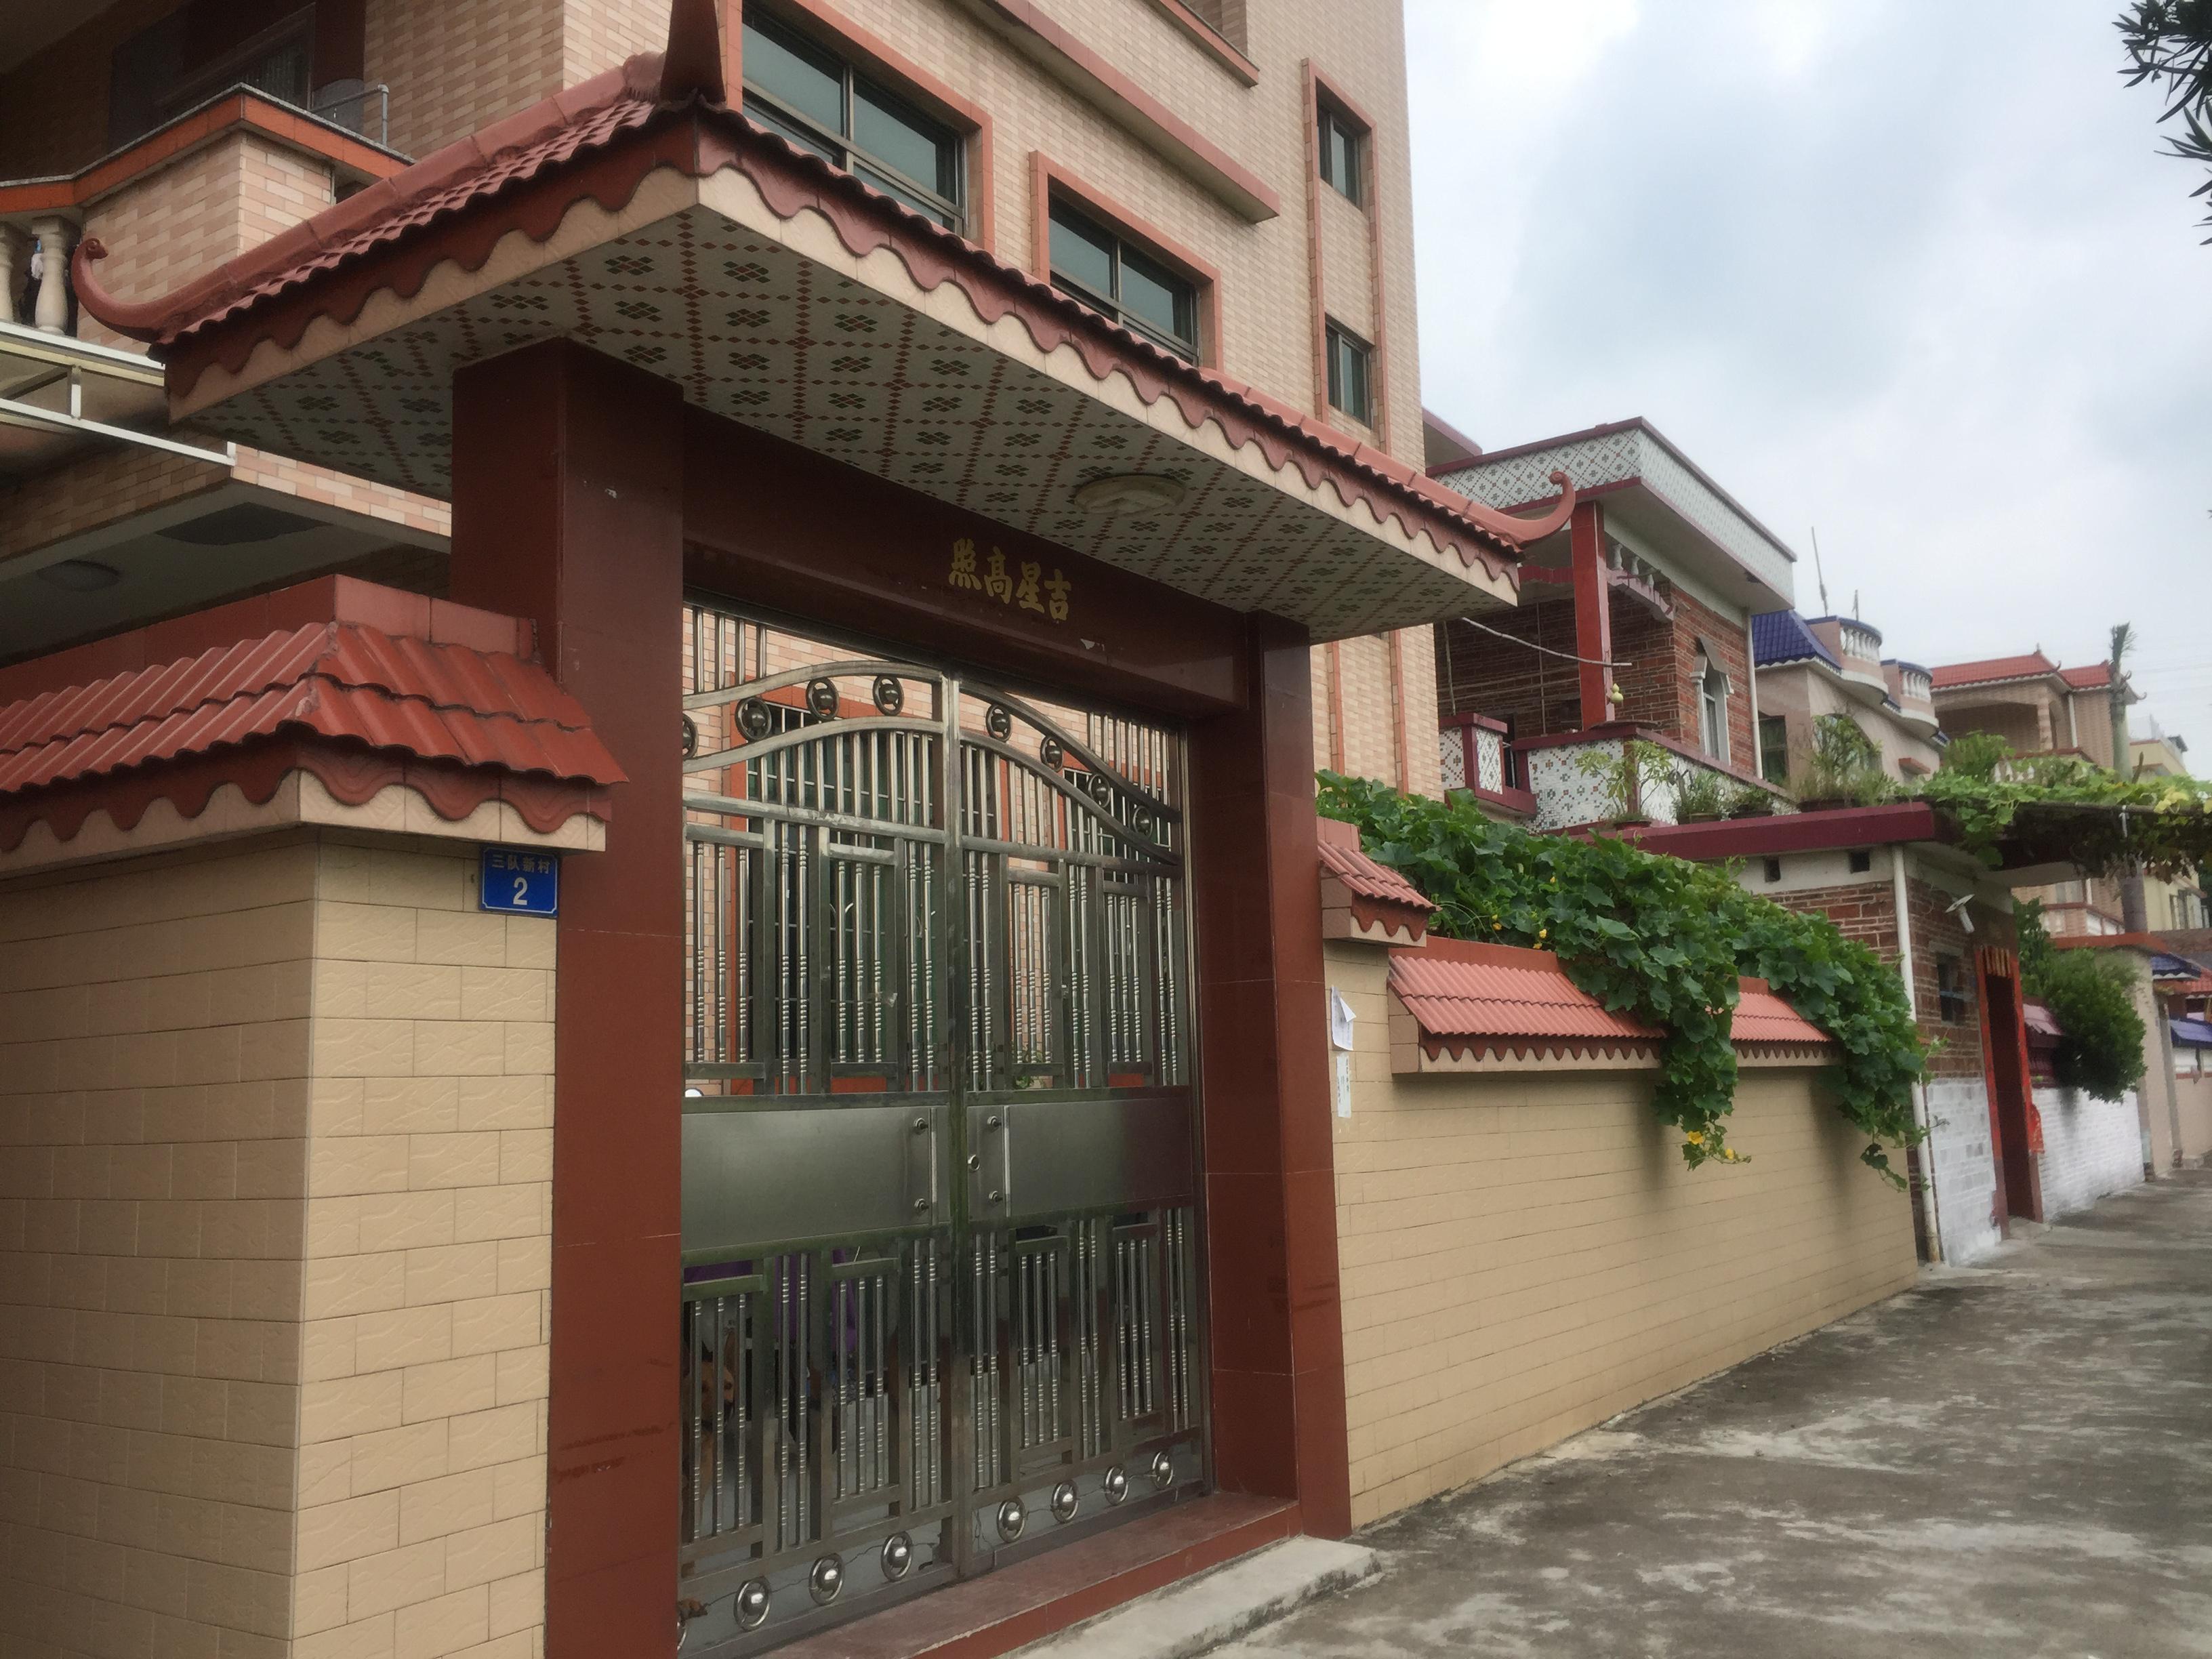 广州一村委副主任在办公室自杀 枪状物来源不明